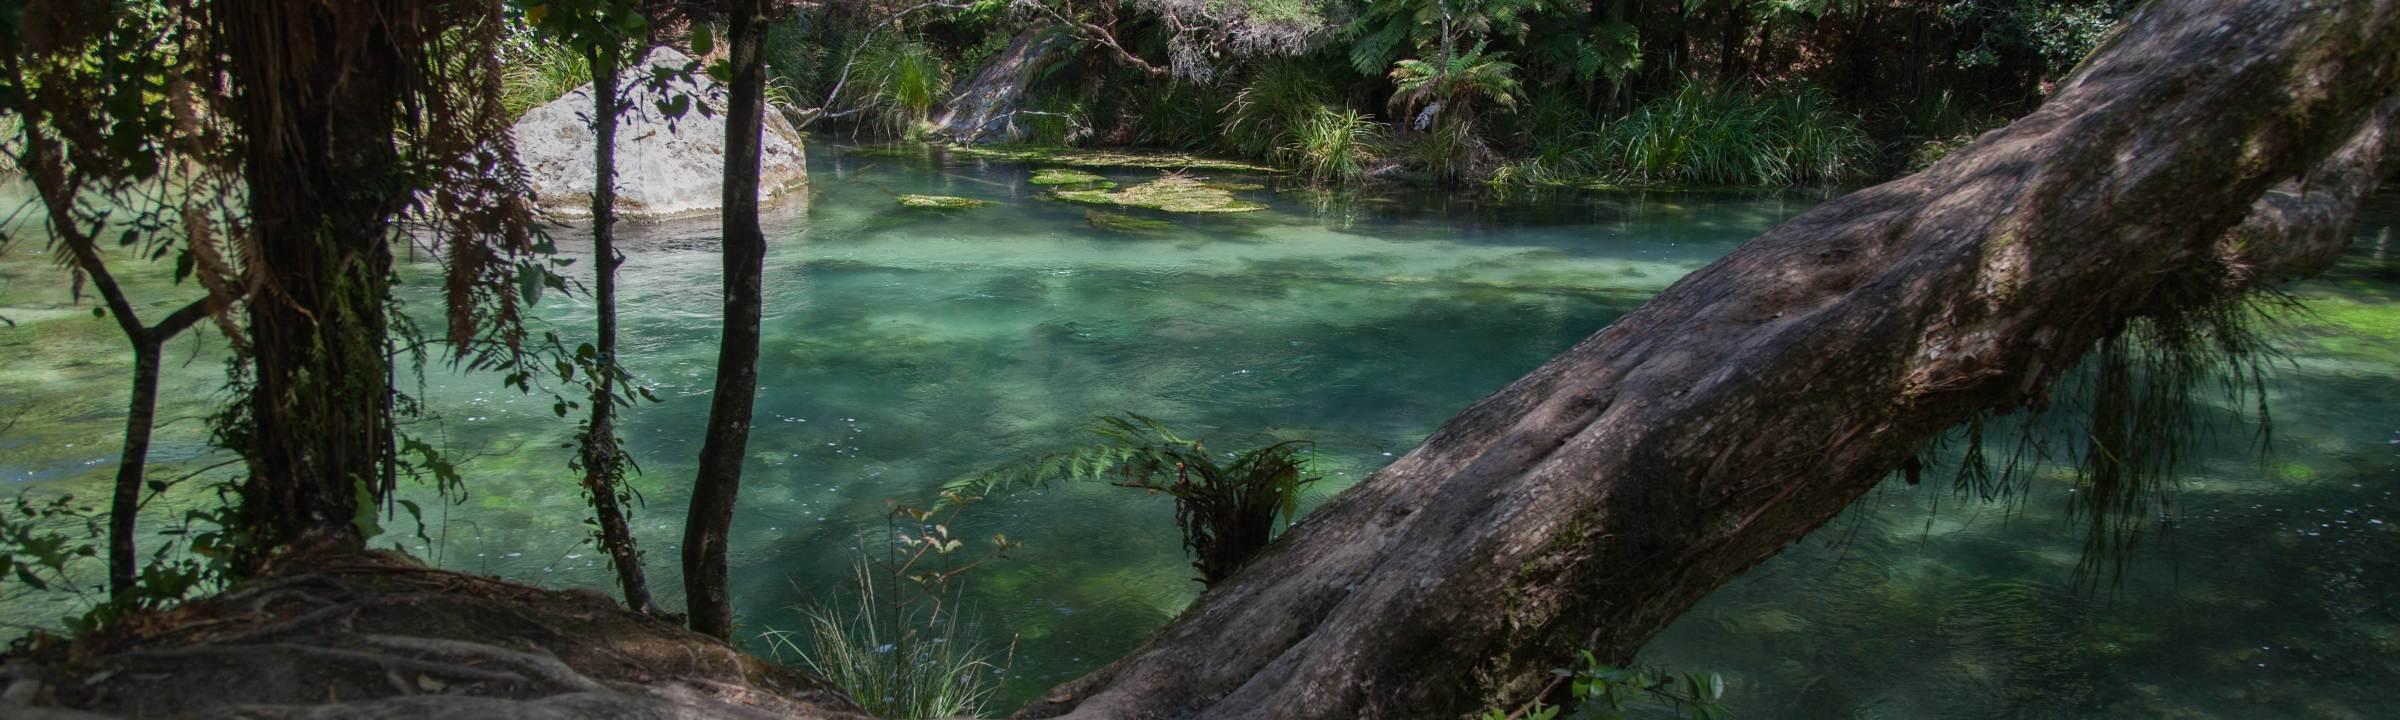 Tarawera Falls – ein Wasserfall, der aus dem Nichts entspringt